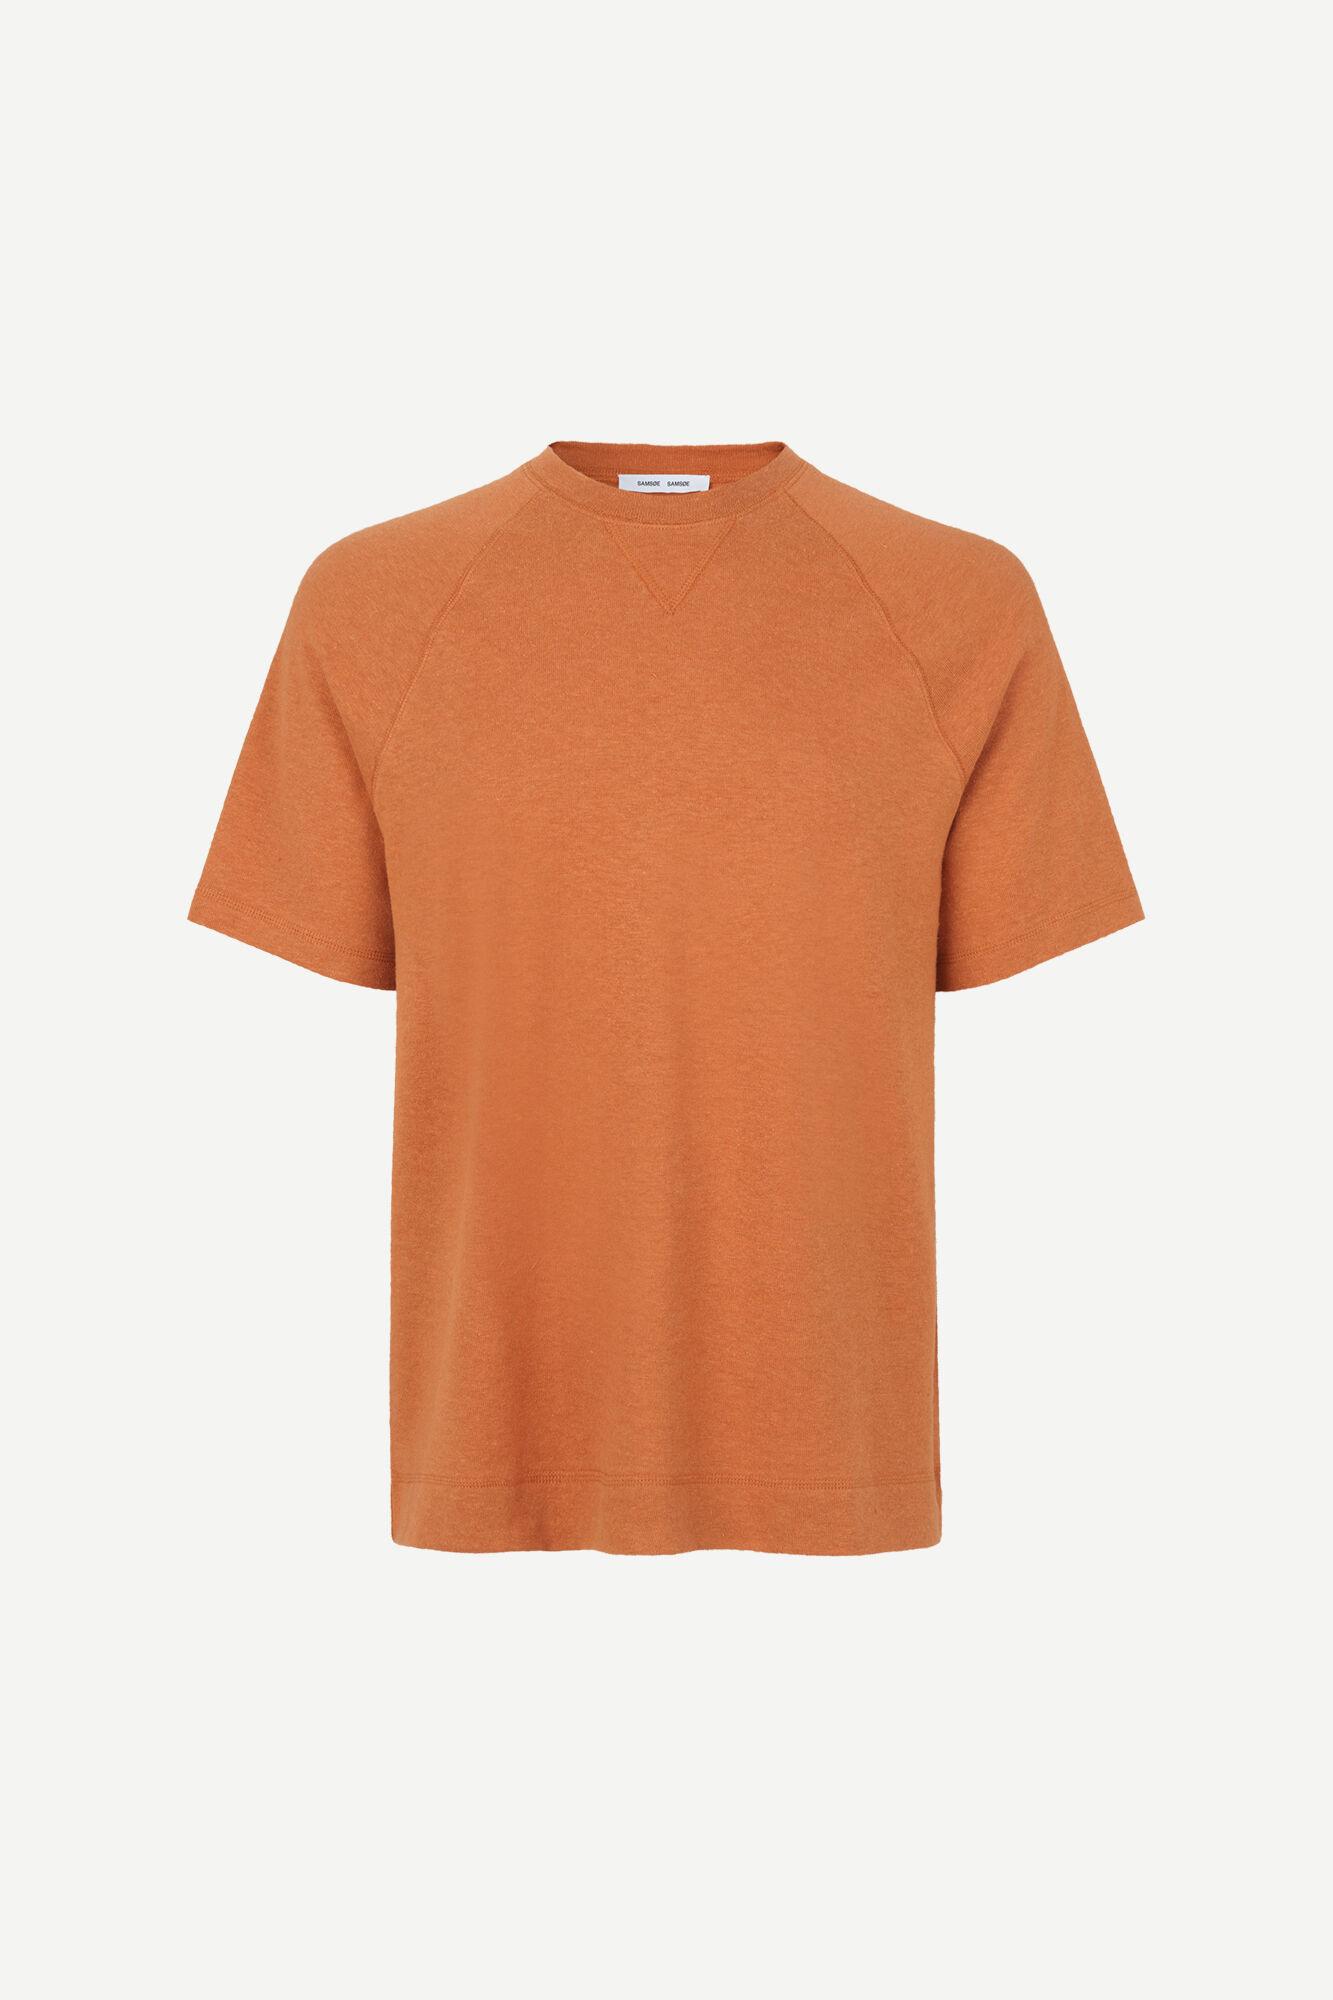 Anan t-shirt 10014, ADOBE